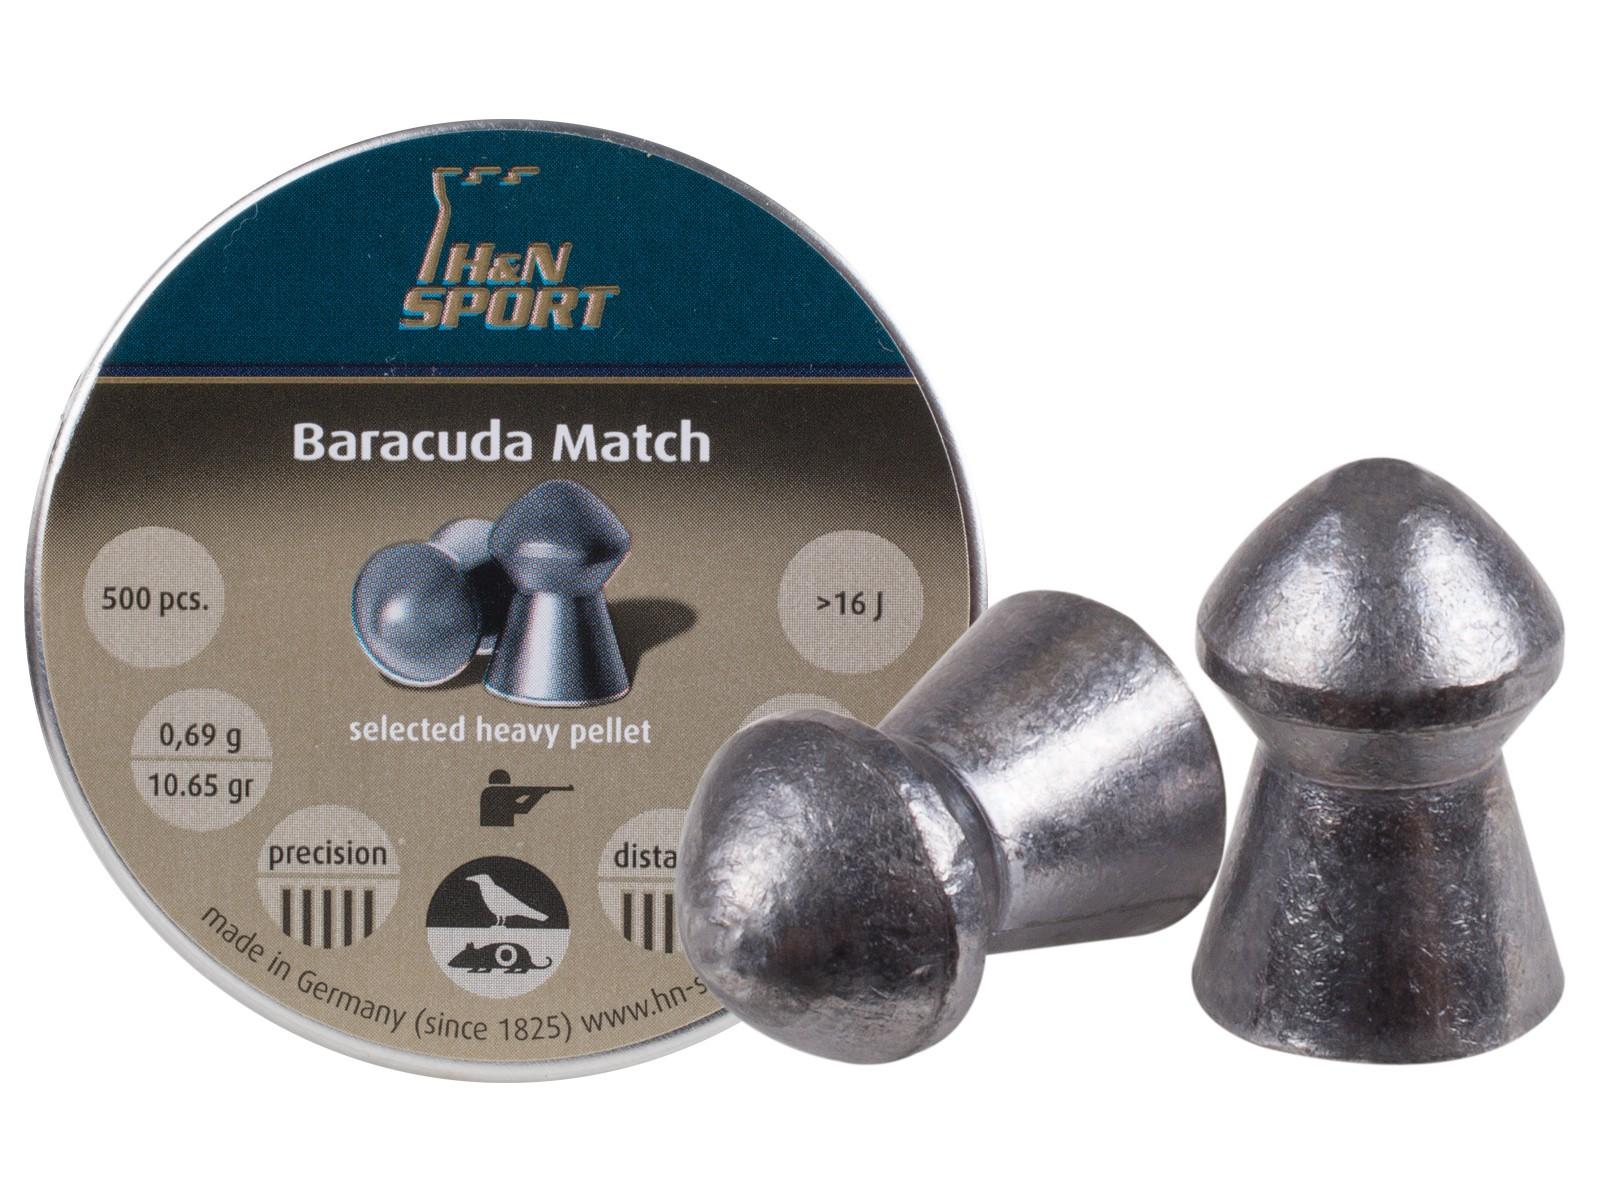 H&N Baracuda match.